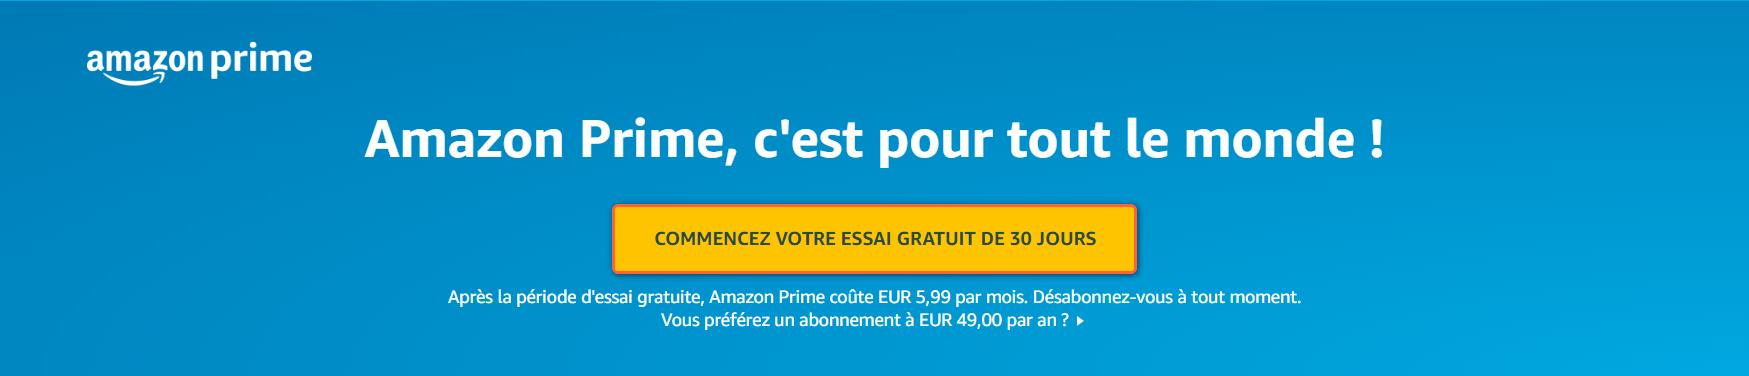 Amazon Prime Comment Avoir un Compte Amazon Prime Vidéo gratuitement